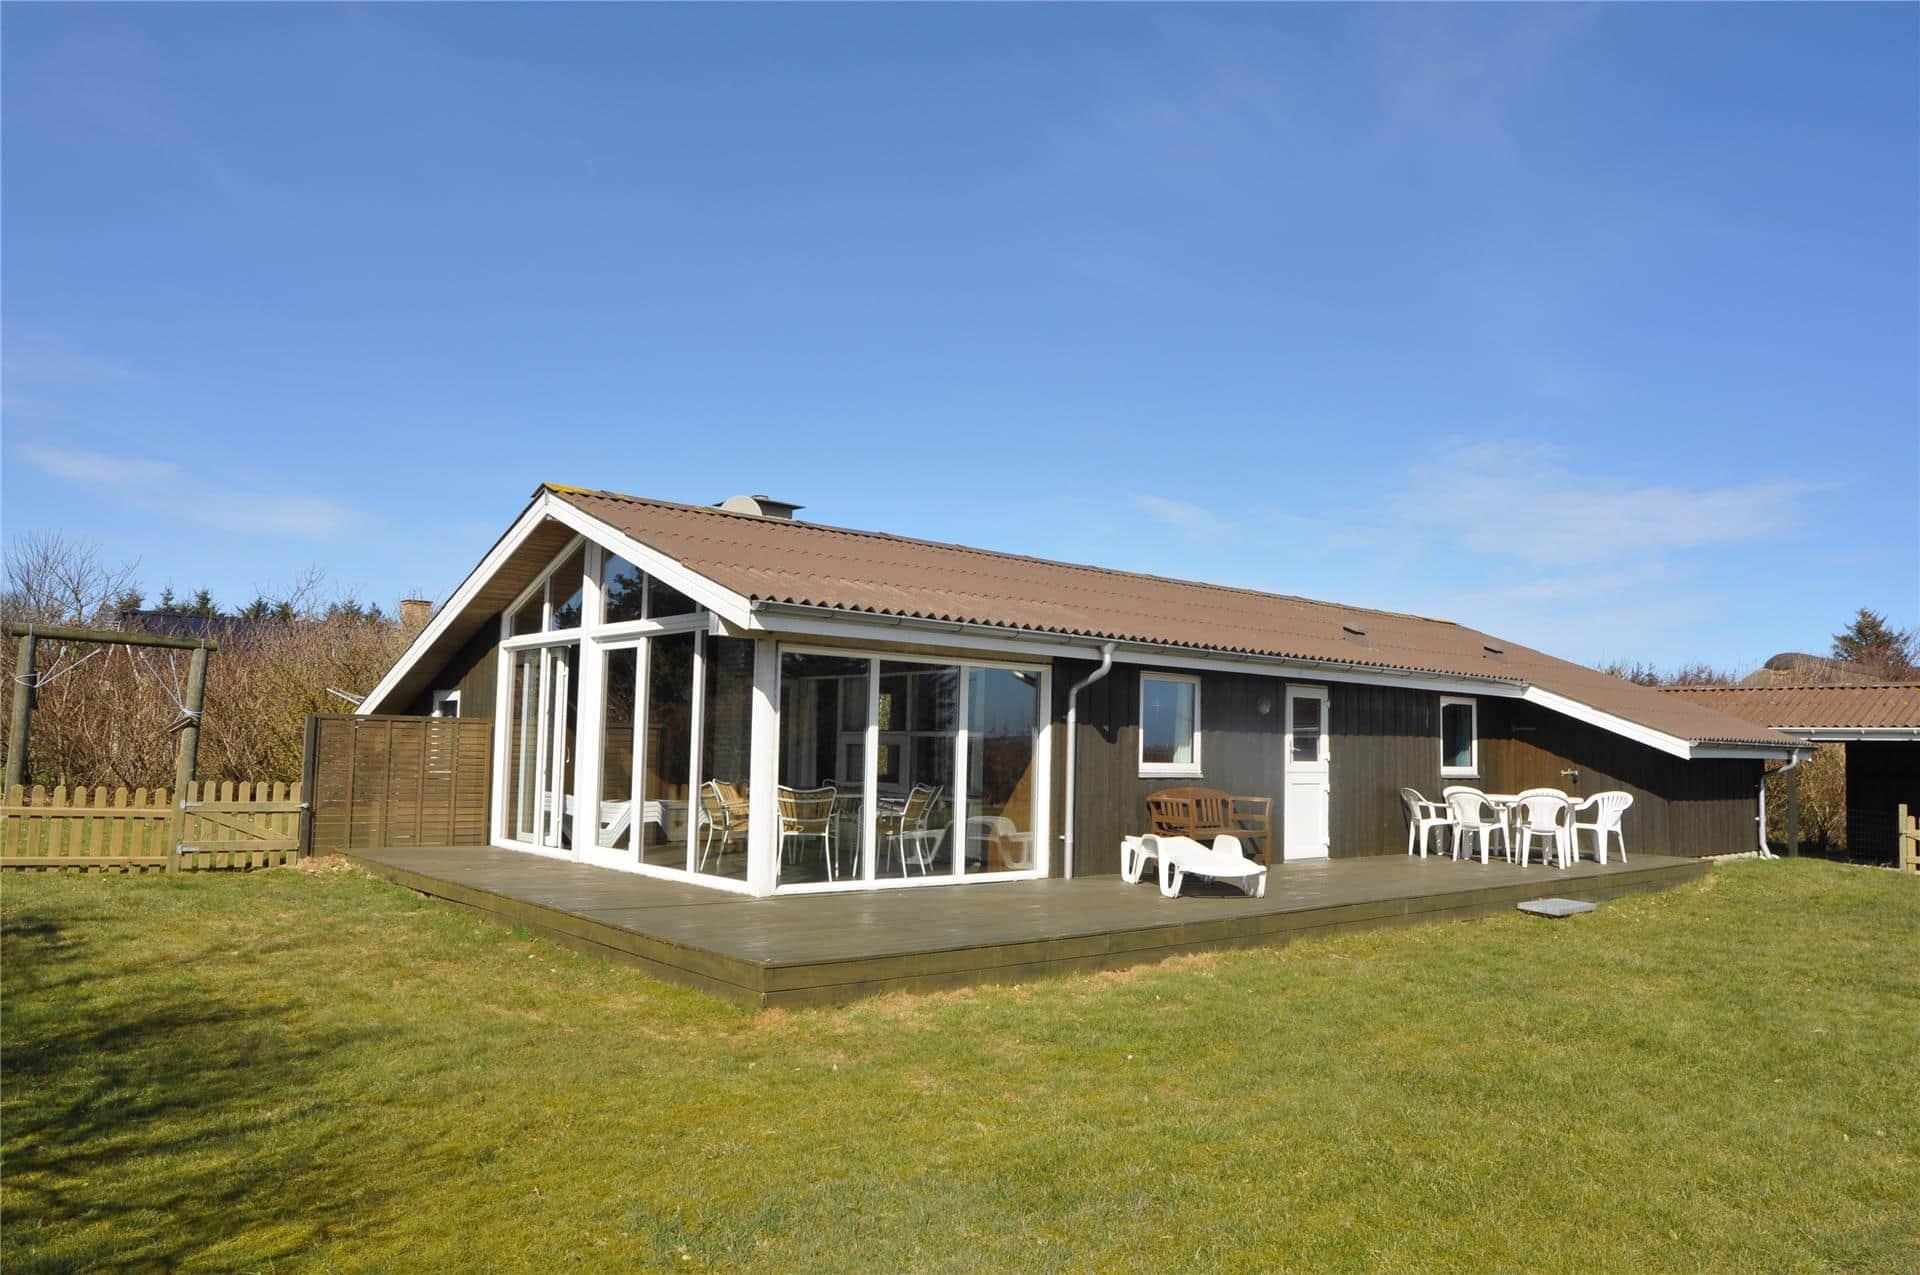 Bild 1-175 Ferienhaus 40703, Helmklit 227, DK - 6990 Ulfborg